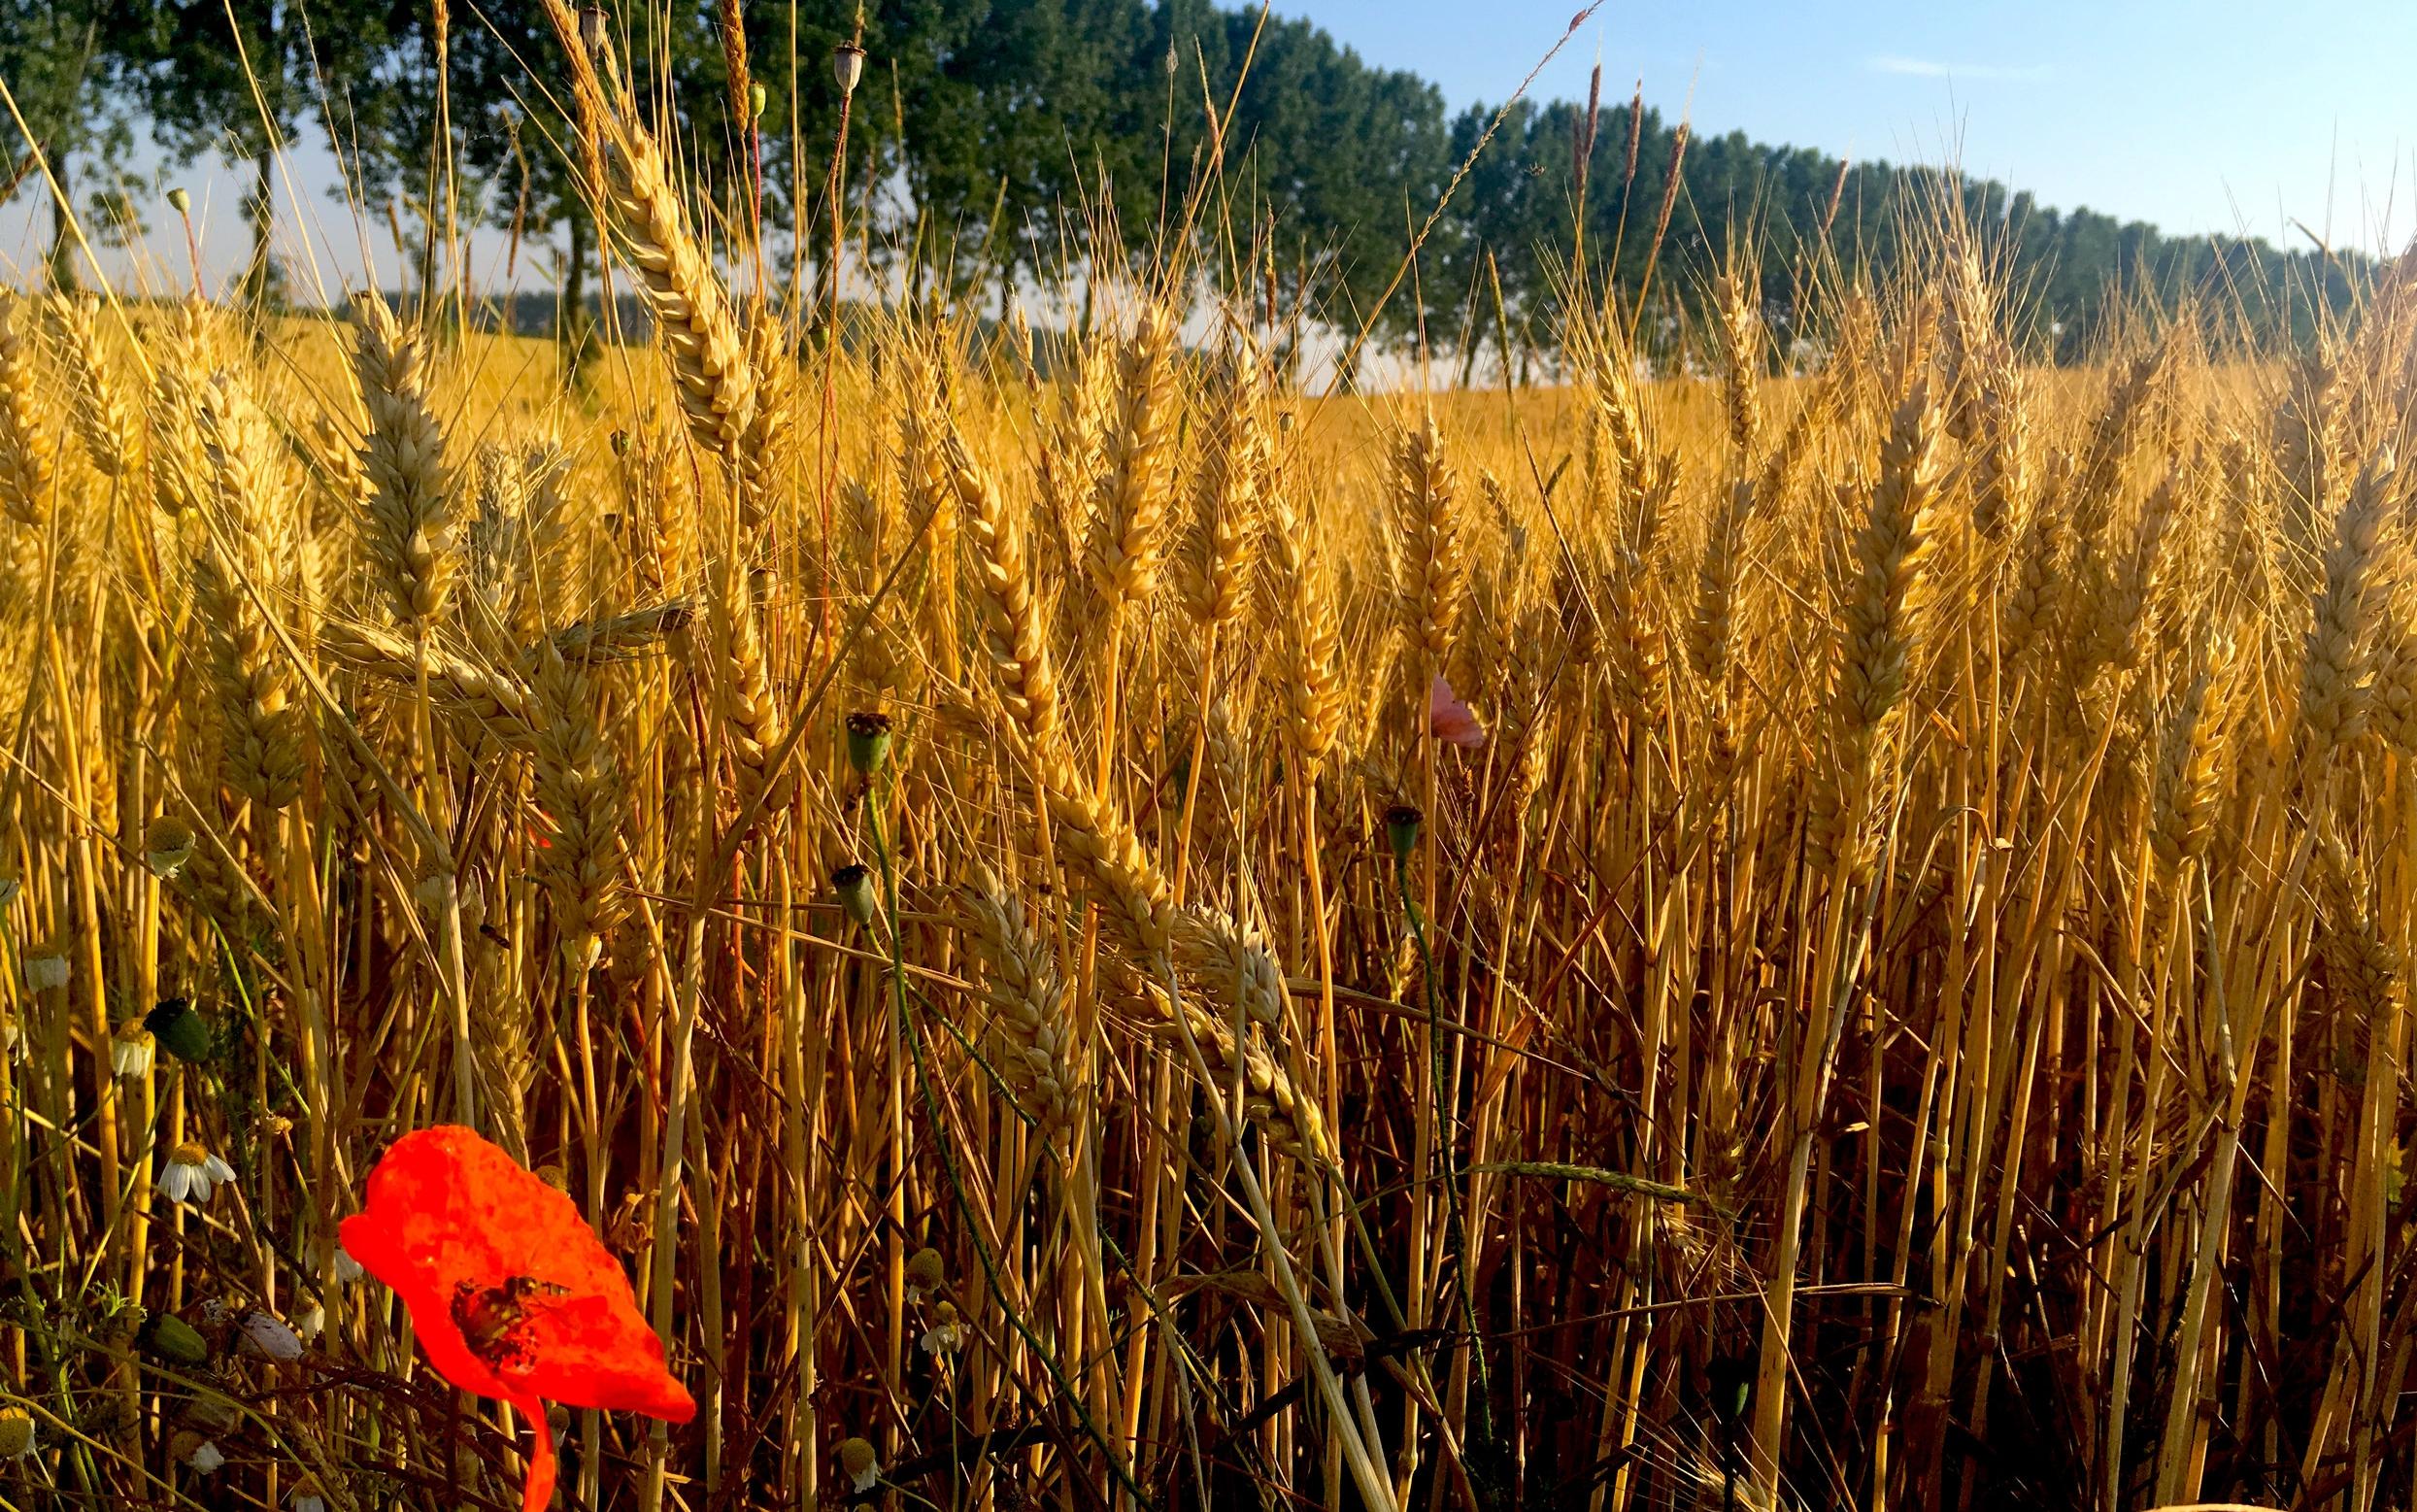 Poppy in field.jpg